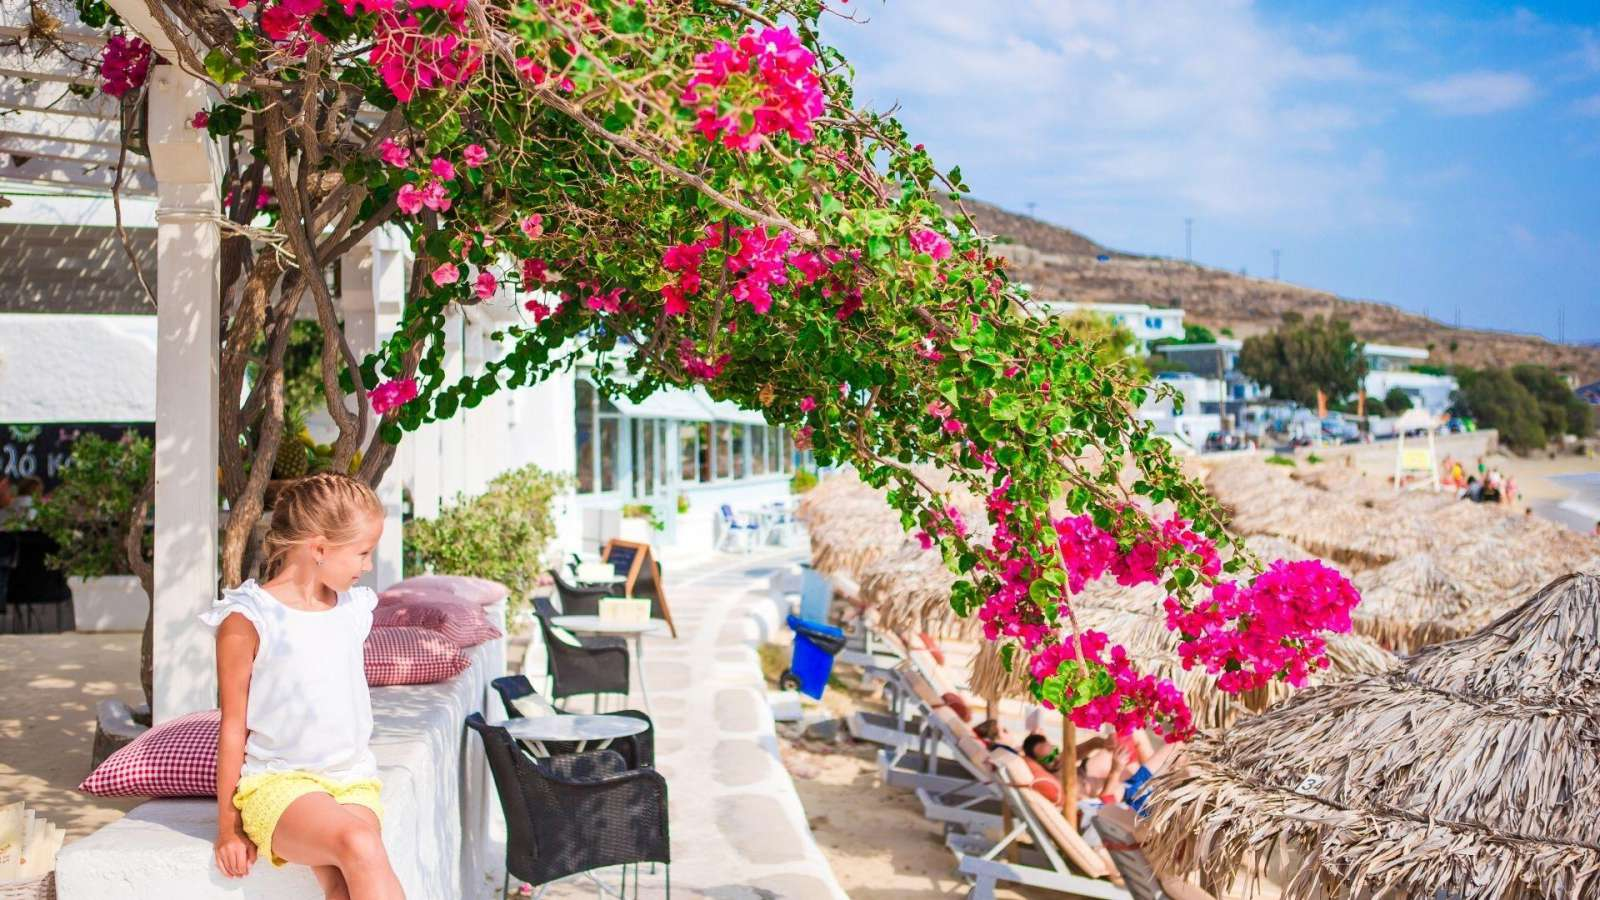 Nuolatinė saulė ir žydėjimas – Korfu vizitinė kortelė